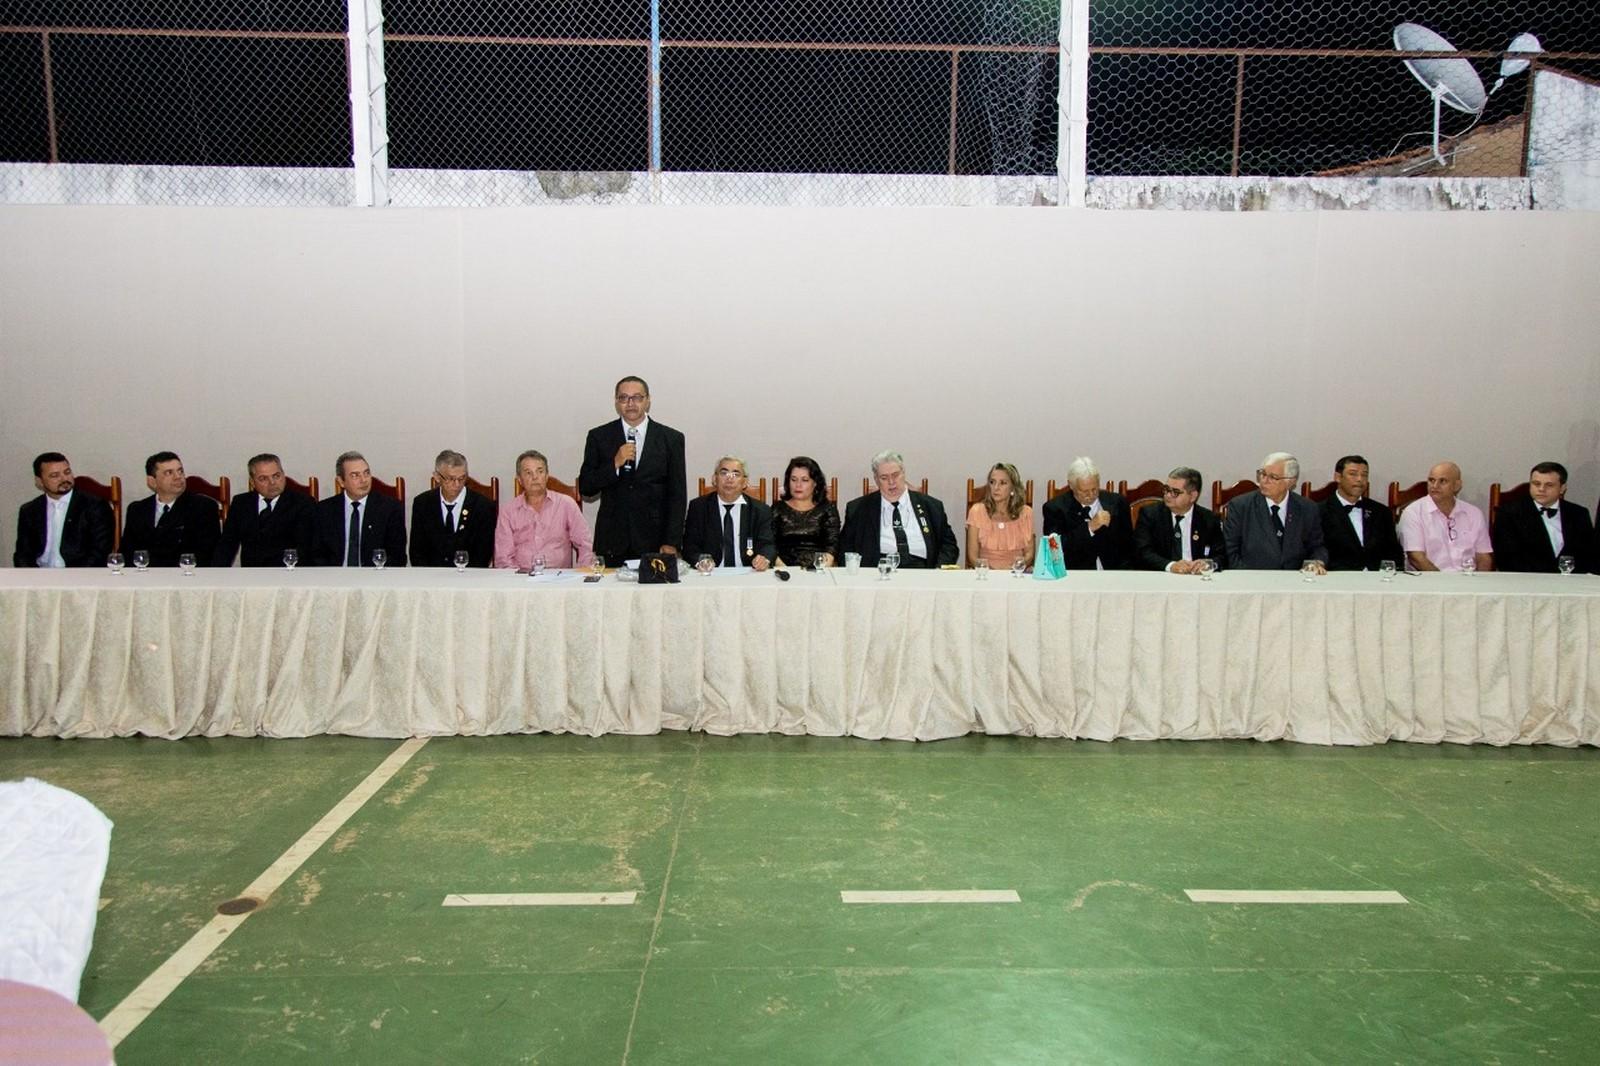 Photo of Grande Loja Maçônica de Xinguara comemora 40 anos em grande estilo